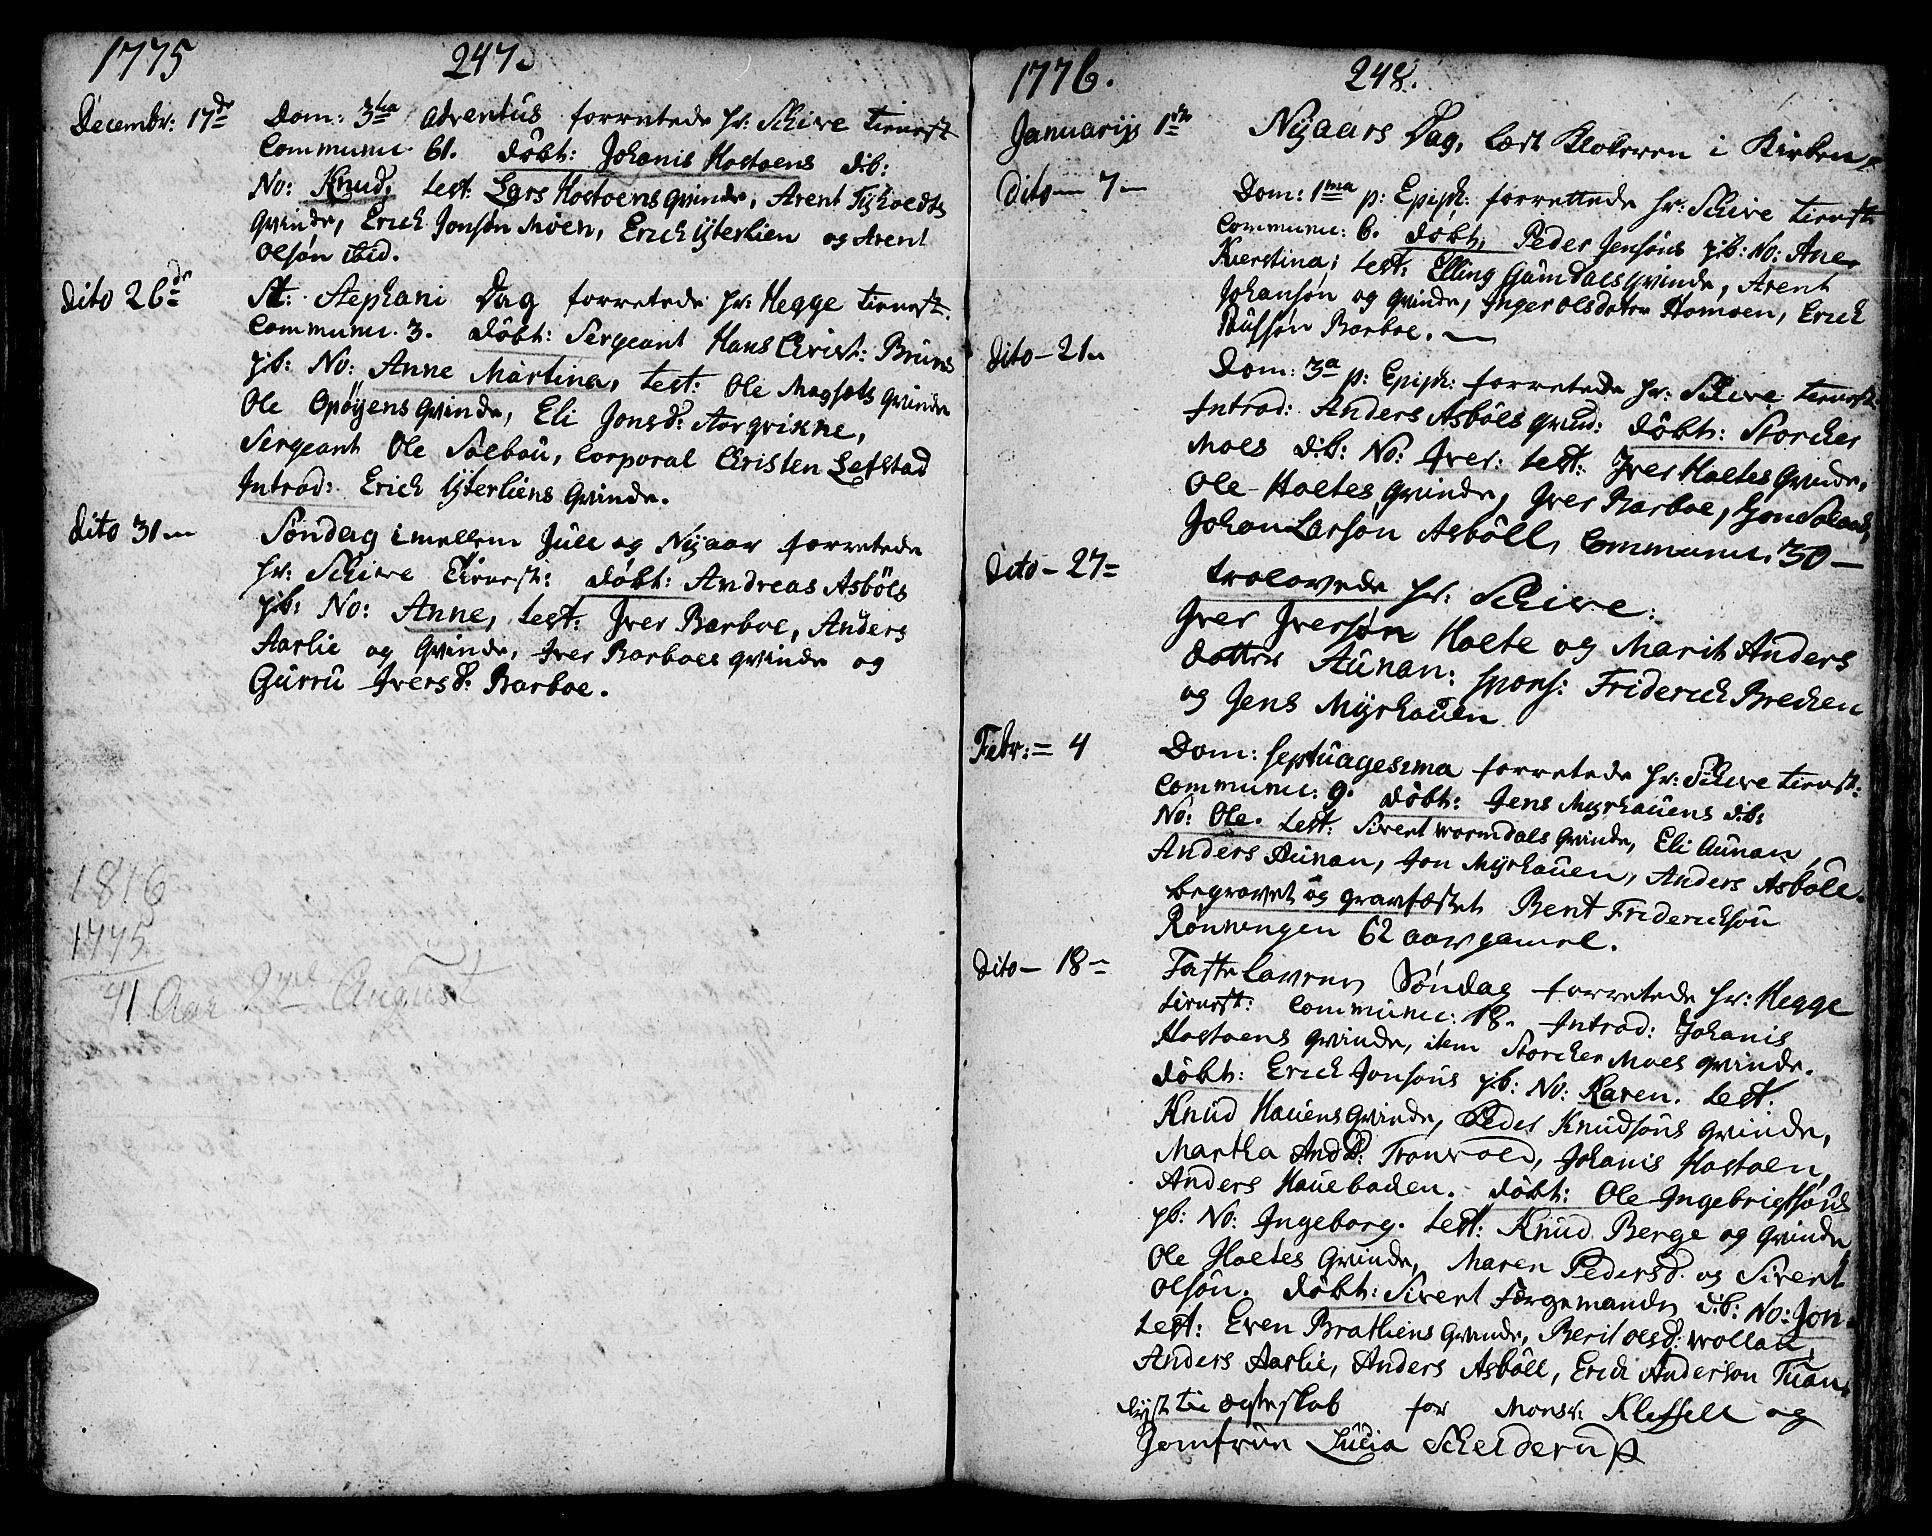 SAT, Ministerialprotokoller, klokkerbøker og fødselsregistre - Sør-Trøndelag, 671/L0840: Ministerialbok nr. 671A02, 1756-1794, s. 247-248